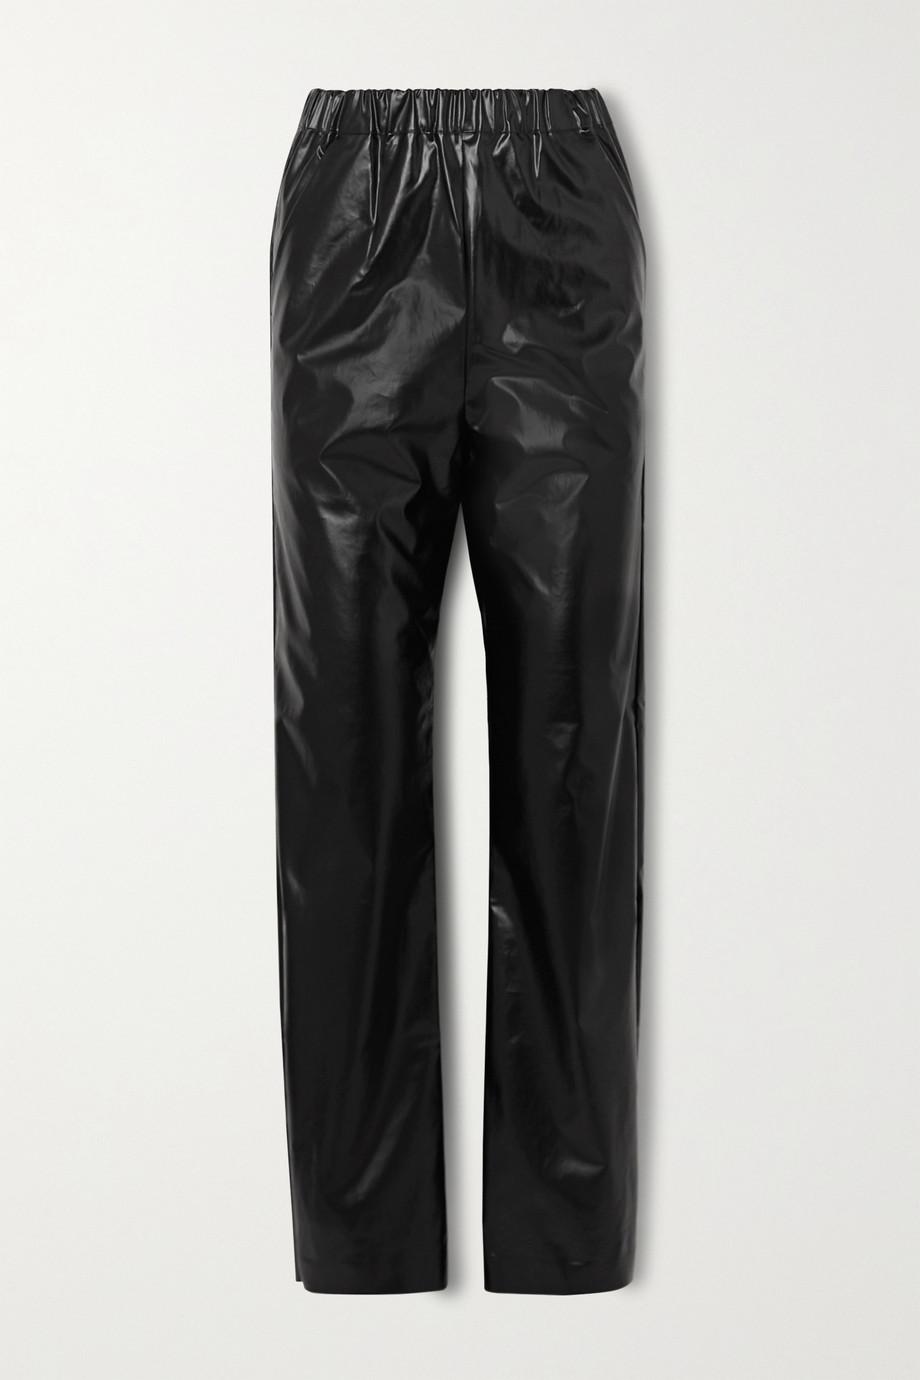 Kassl Editions Hose mit geradem Bein aus Vinyl